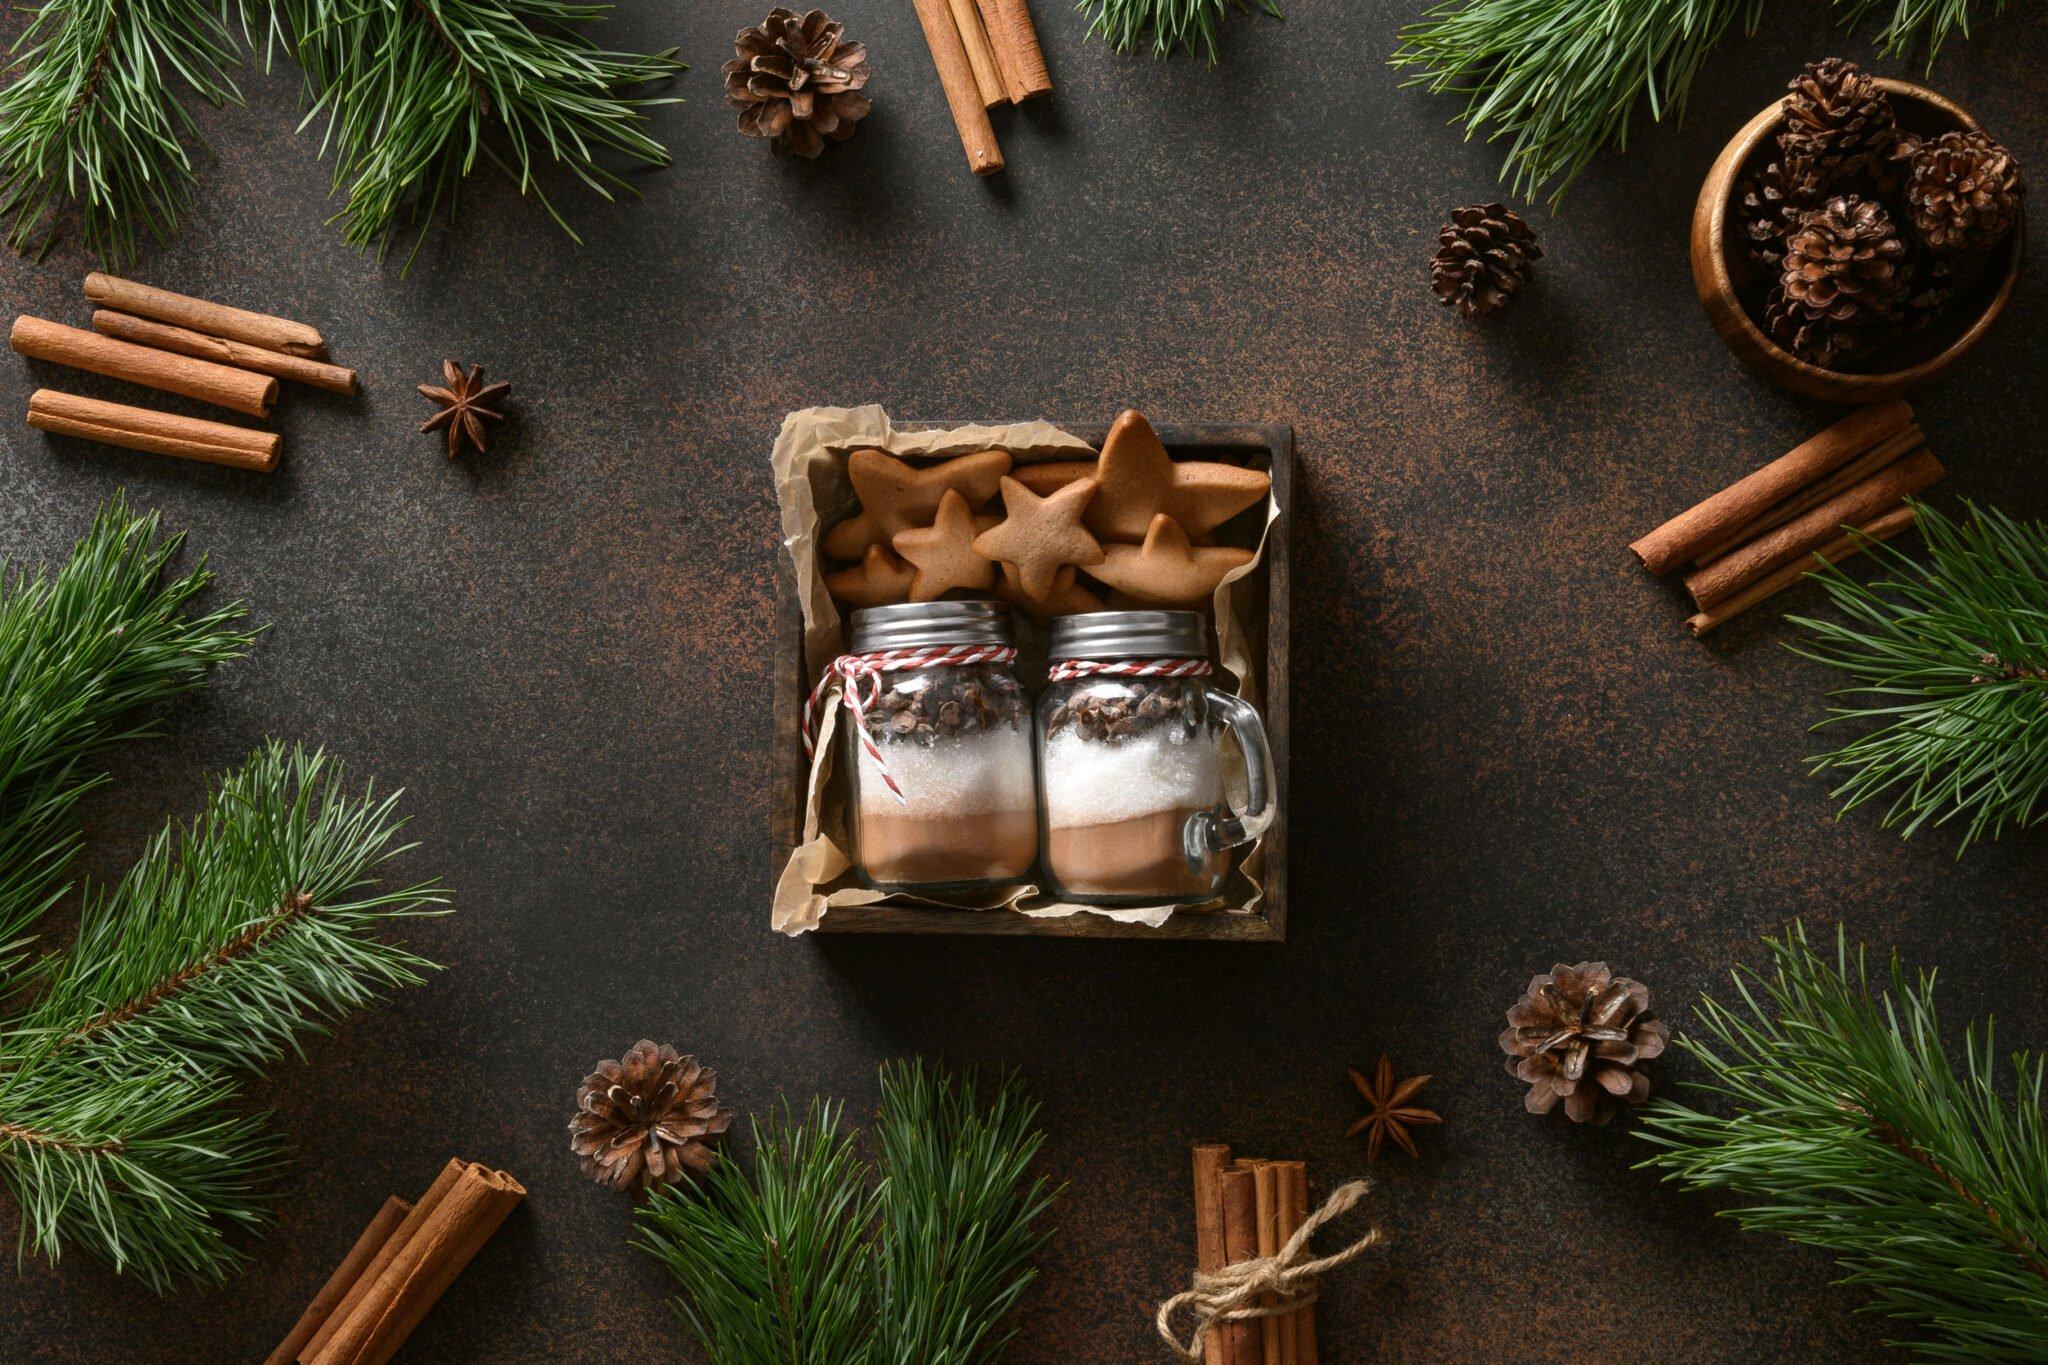 Cookie jar inspiratie voor de kerst / cadeau geven - Mamaliefde.nl